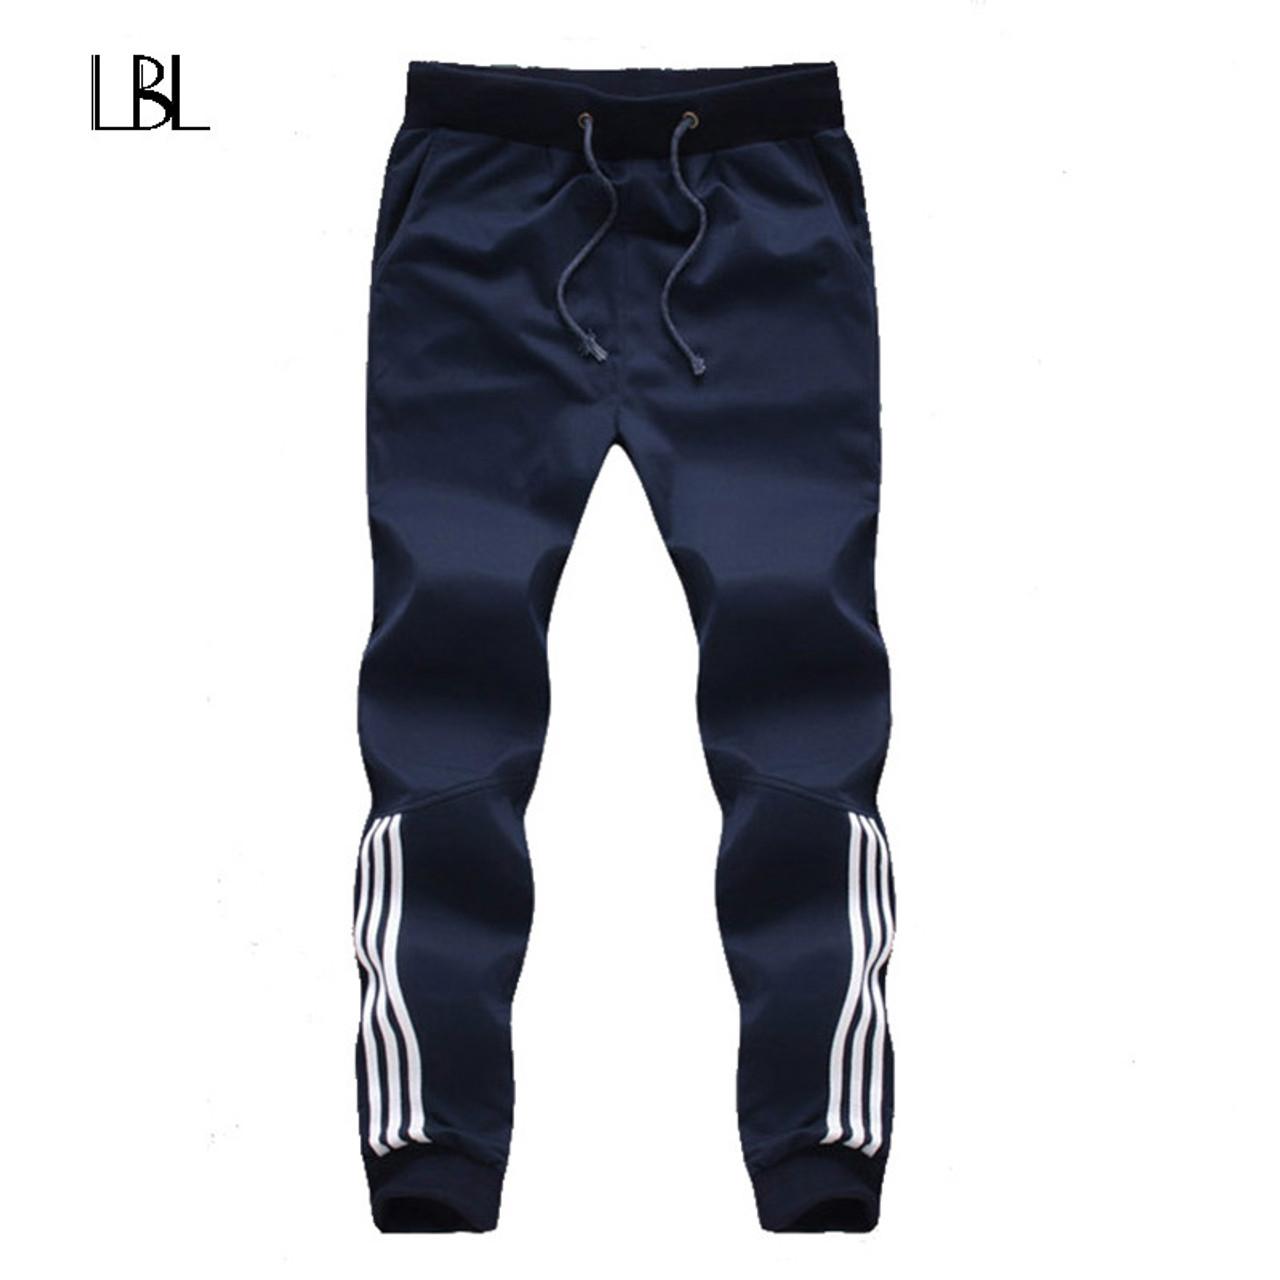 Men/'s New Fleece Tracksuit Bottoms Jogging Gym Casual Trouser Pant Plus BigSize